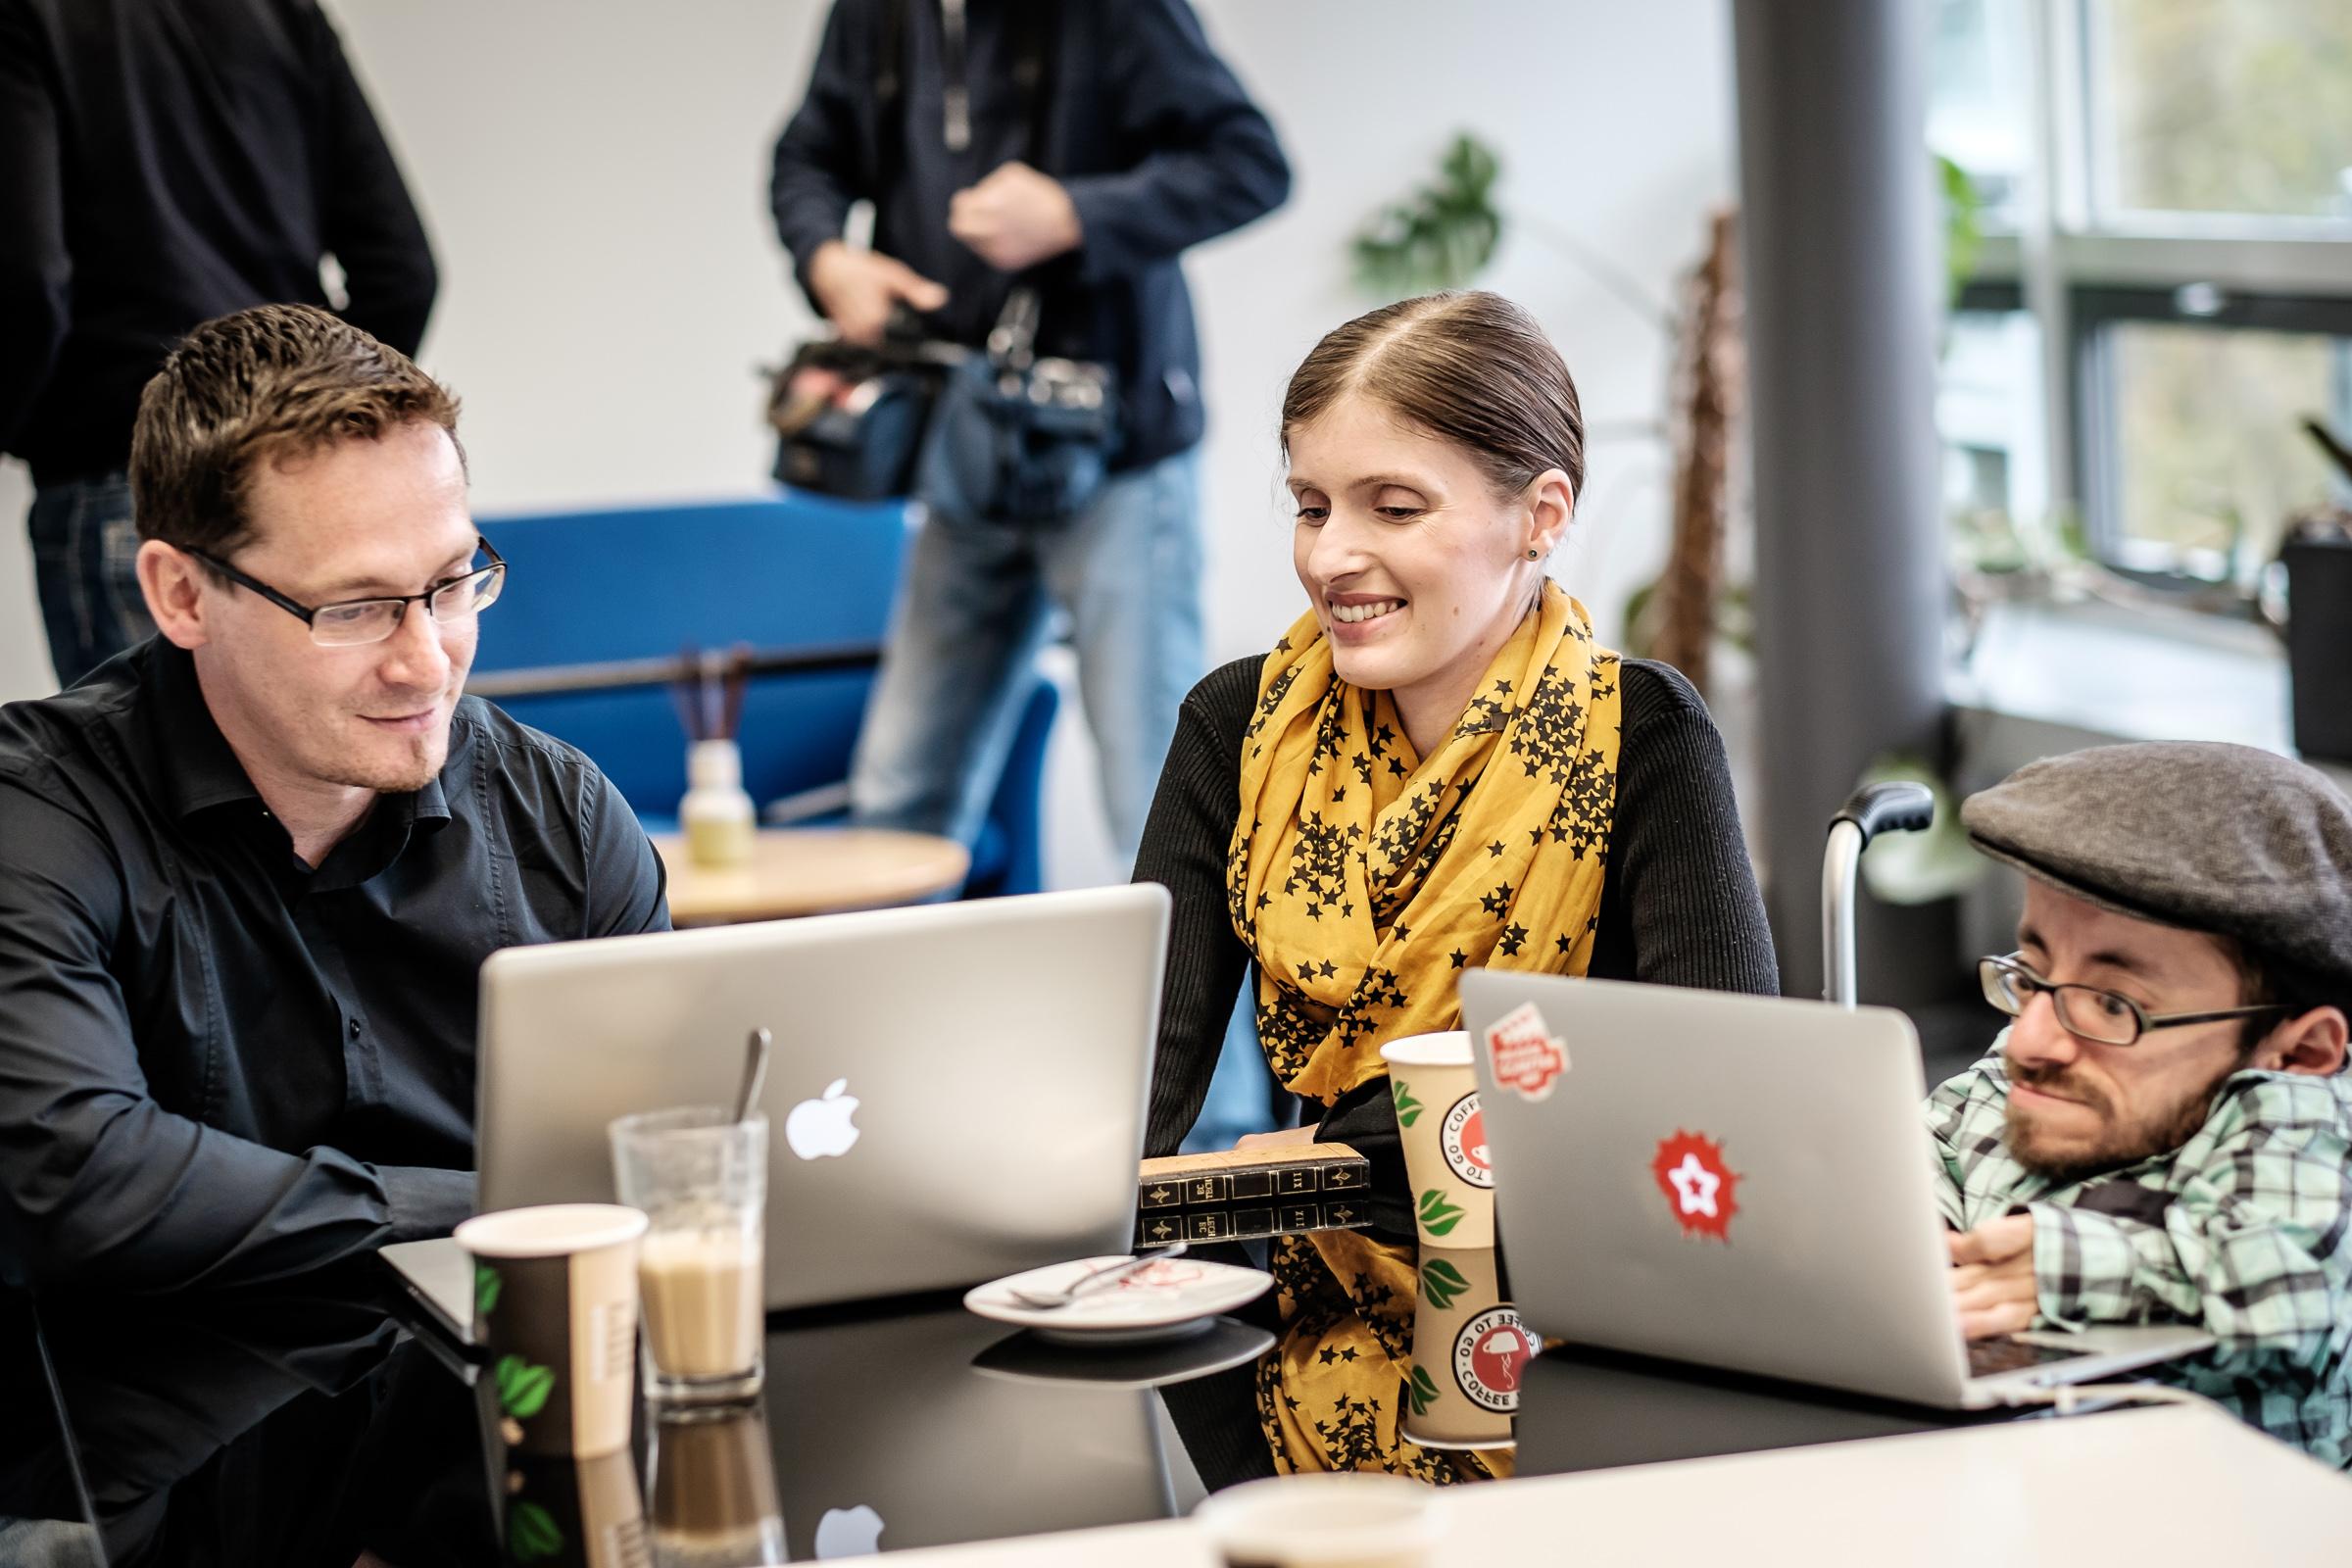 Drei Personen sitzen für die IT-Entwicklung der Wheelmap mit Kaffee am Tisch zusammen und schauen auf die Bildschirme der MacBooks. Die Frau in der Mitte und der kleinwüchsiger Mann links sind im Rollstuhl.